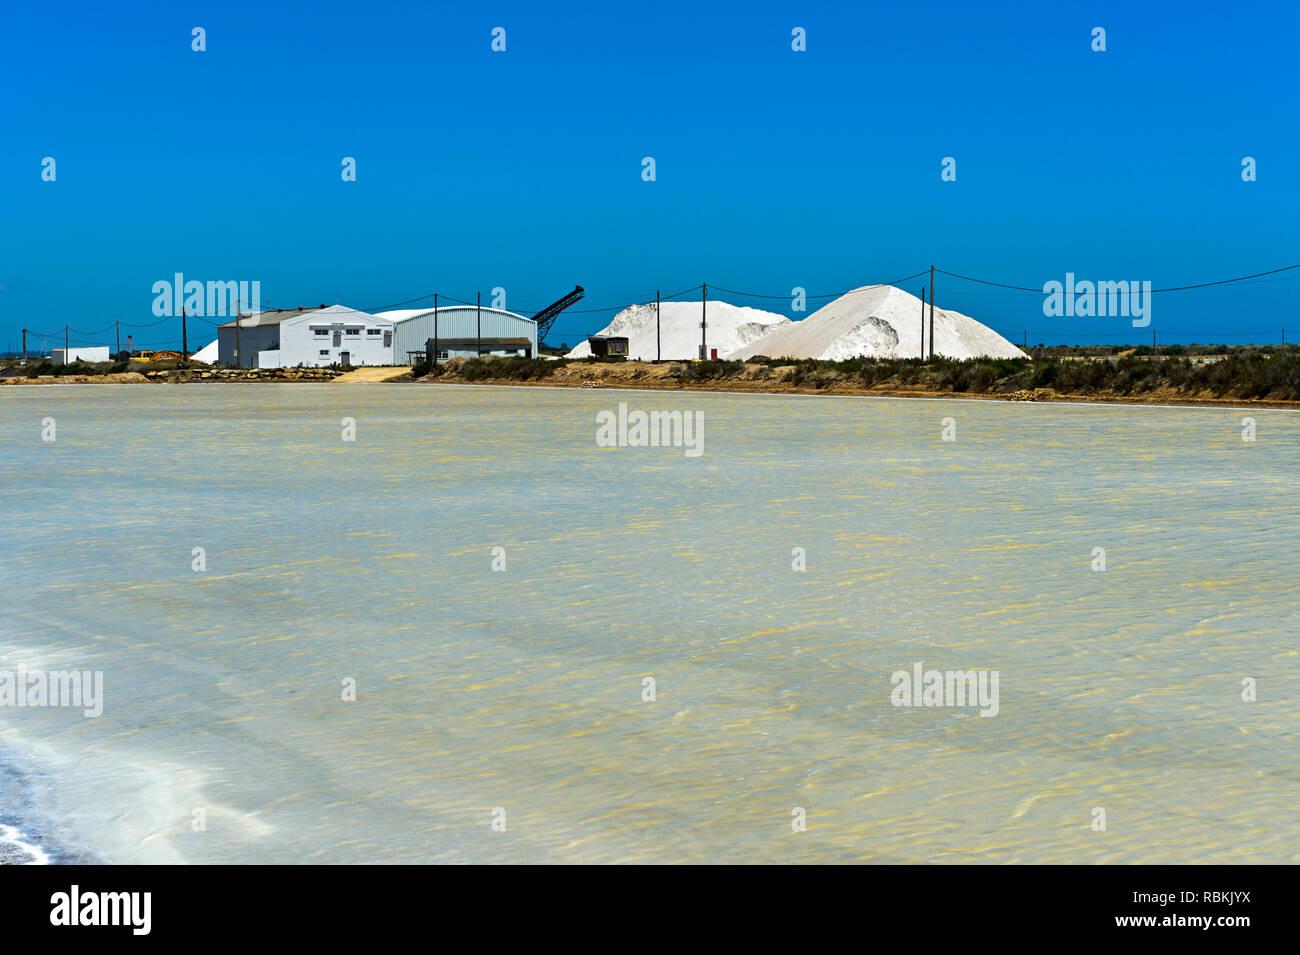 La producción de sal de mar, sal Sopursal estanques de evaporación, Salinas, Santa Luzia, Algarve, Portugal Imagen De Stock